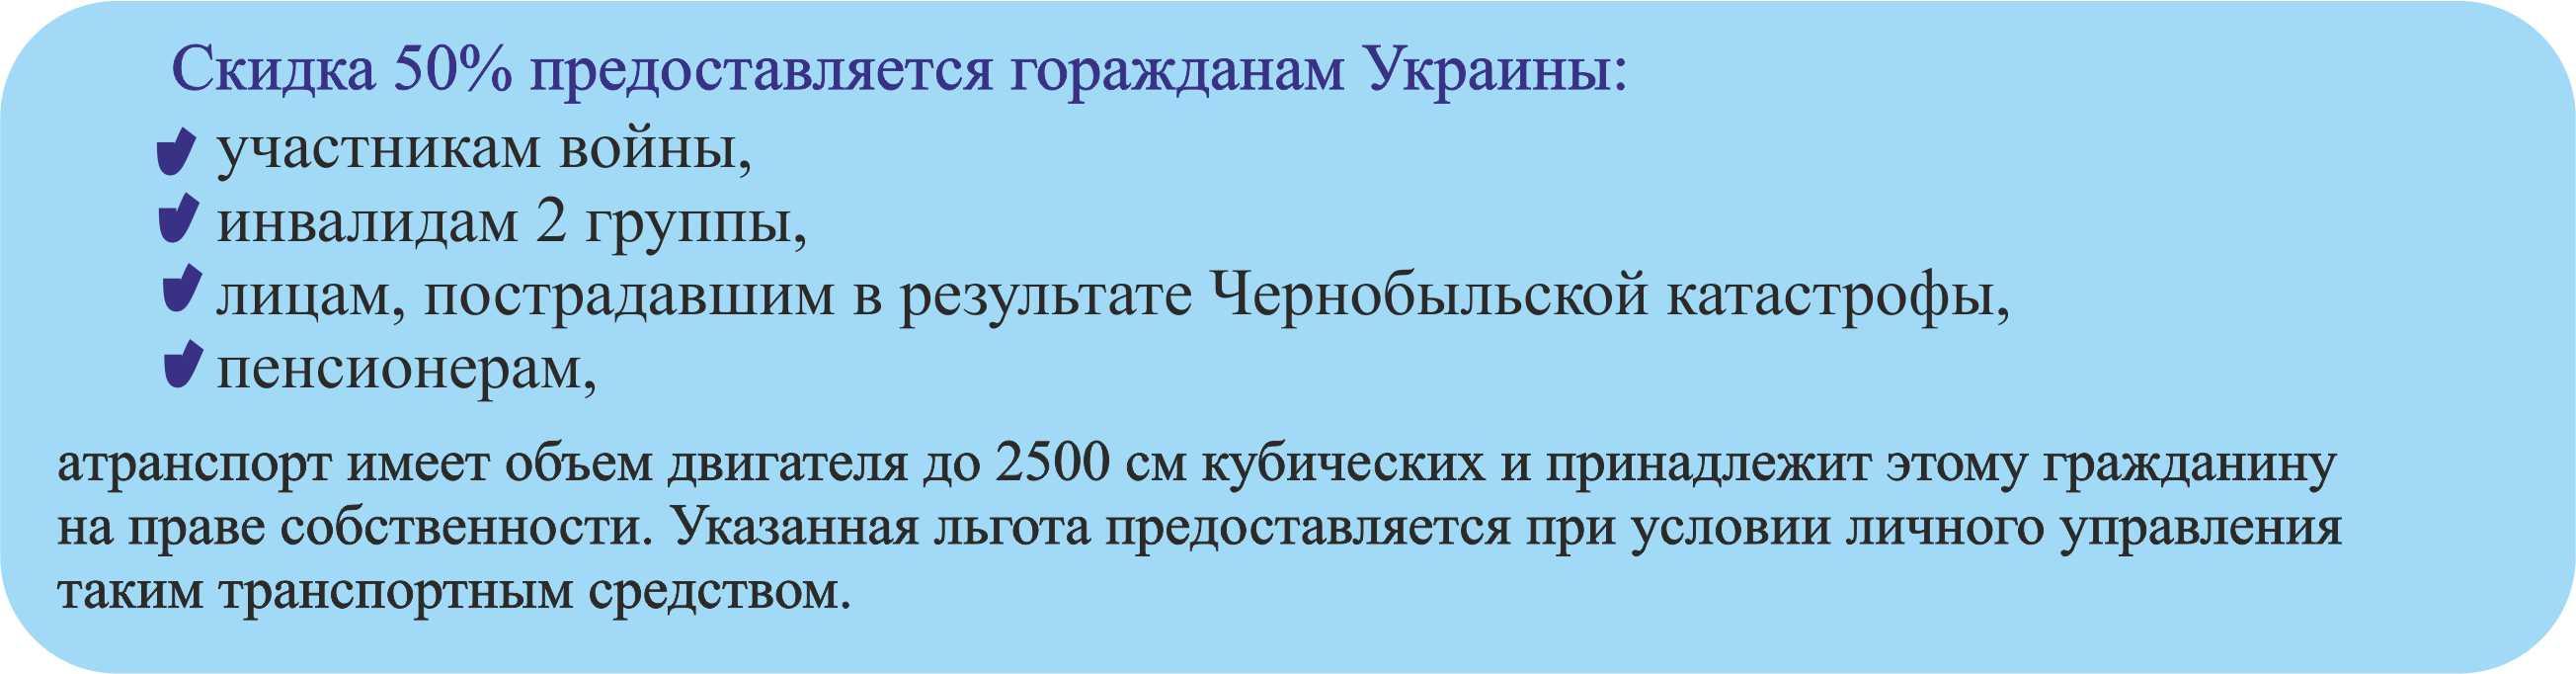 Лгота по ОСАГО Украина